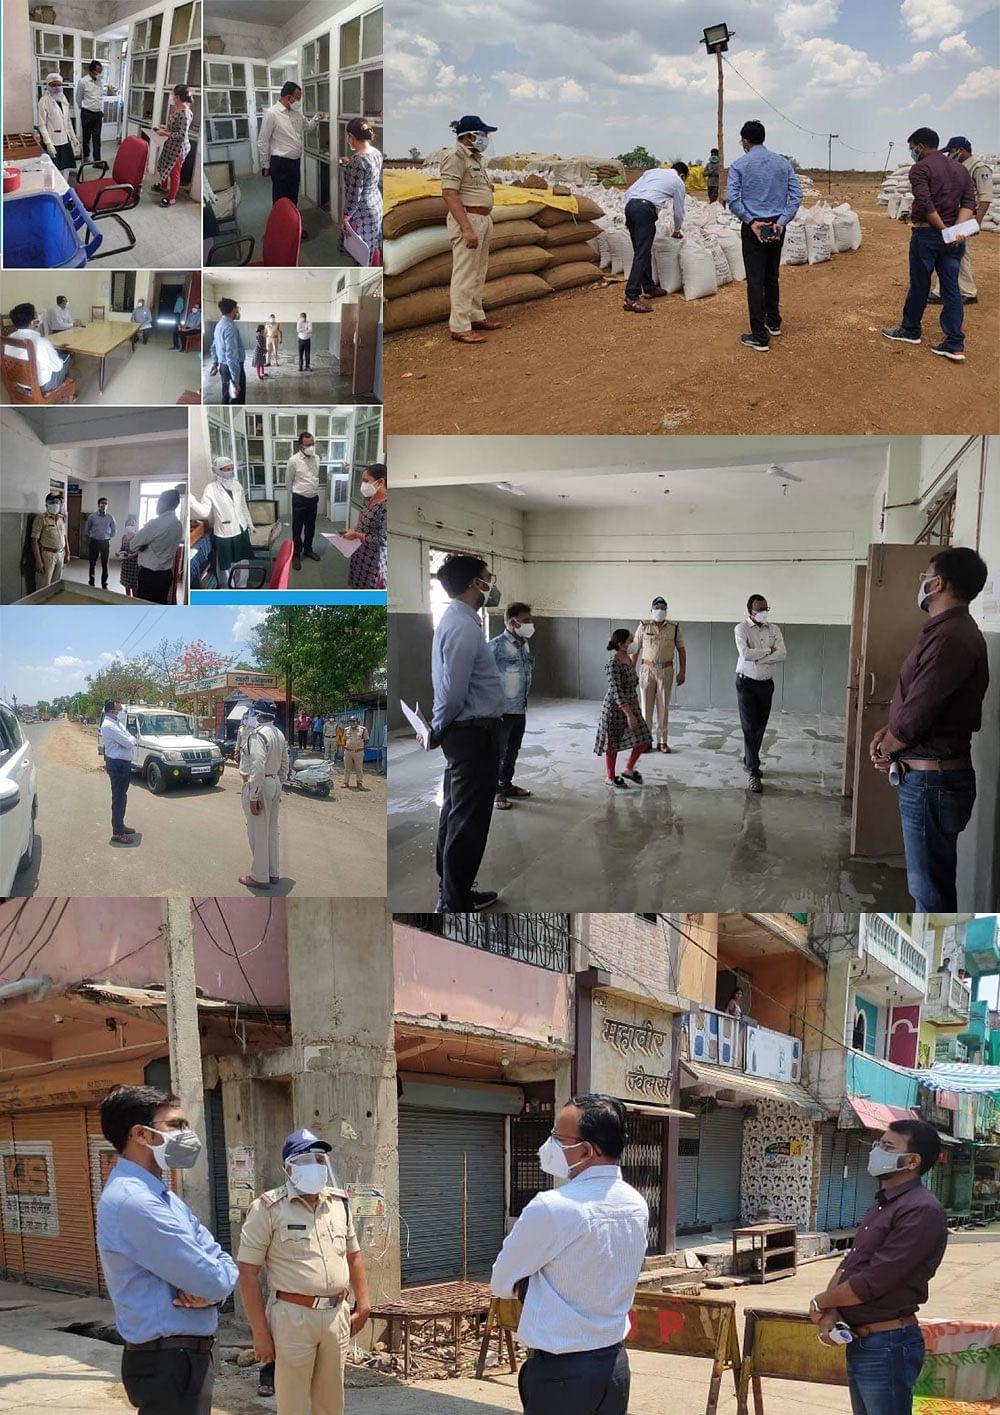 कलेक्टर ने किया सामुदायिक स्वास्थ्य केंद्र, कंटेनमेंट क्षेत्र, उपार्जन केन्द्र का औचक निरीक्षण